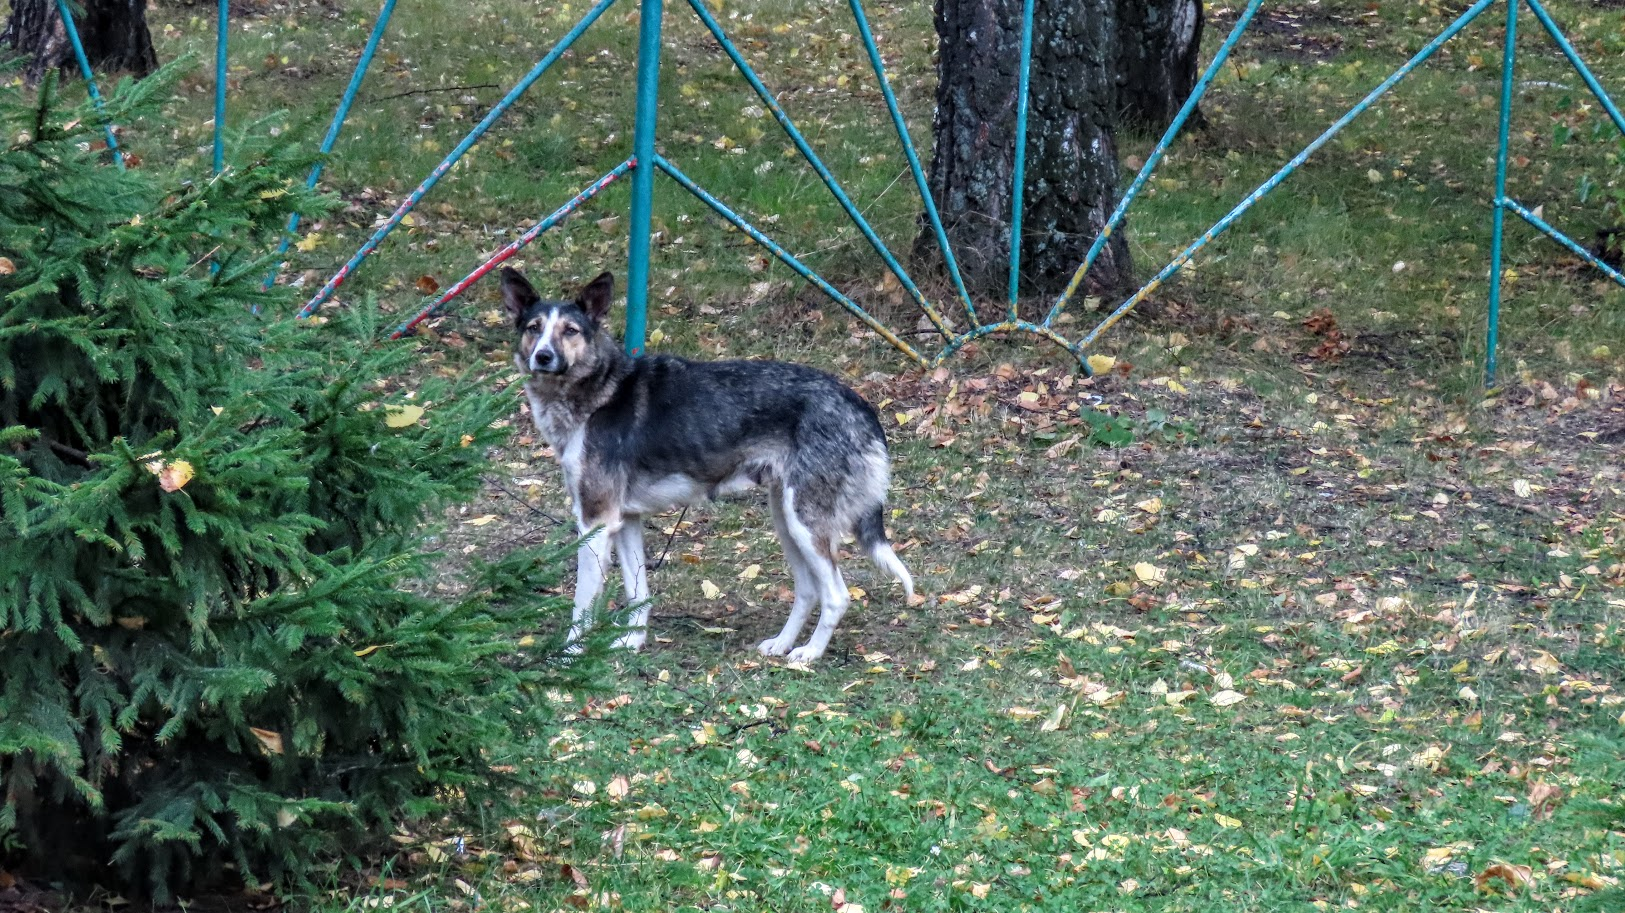 Чайка, шершни и собачки. В Комсомольском парке( 21 фото) 35859963